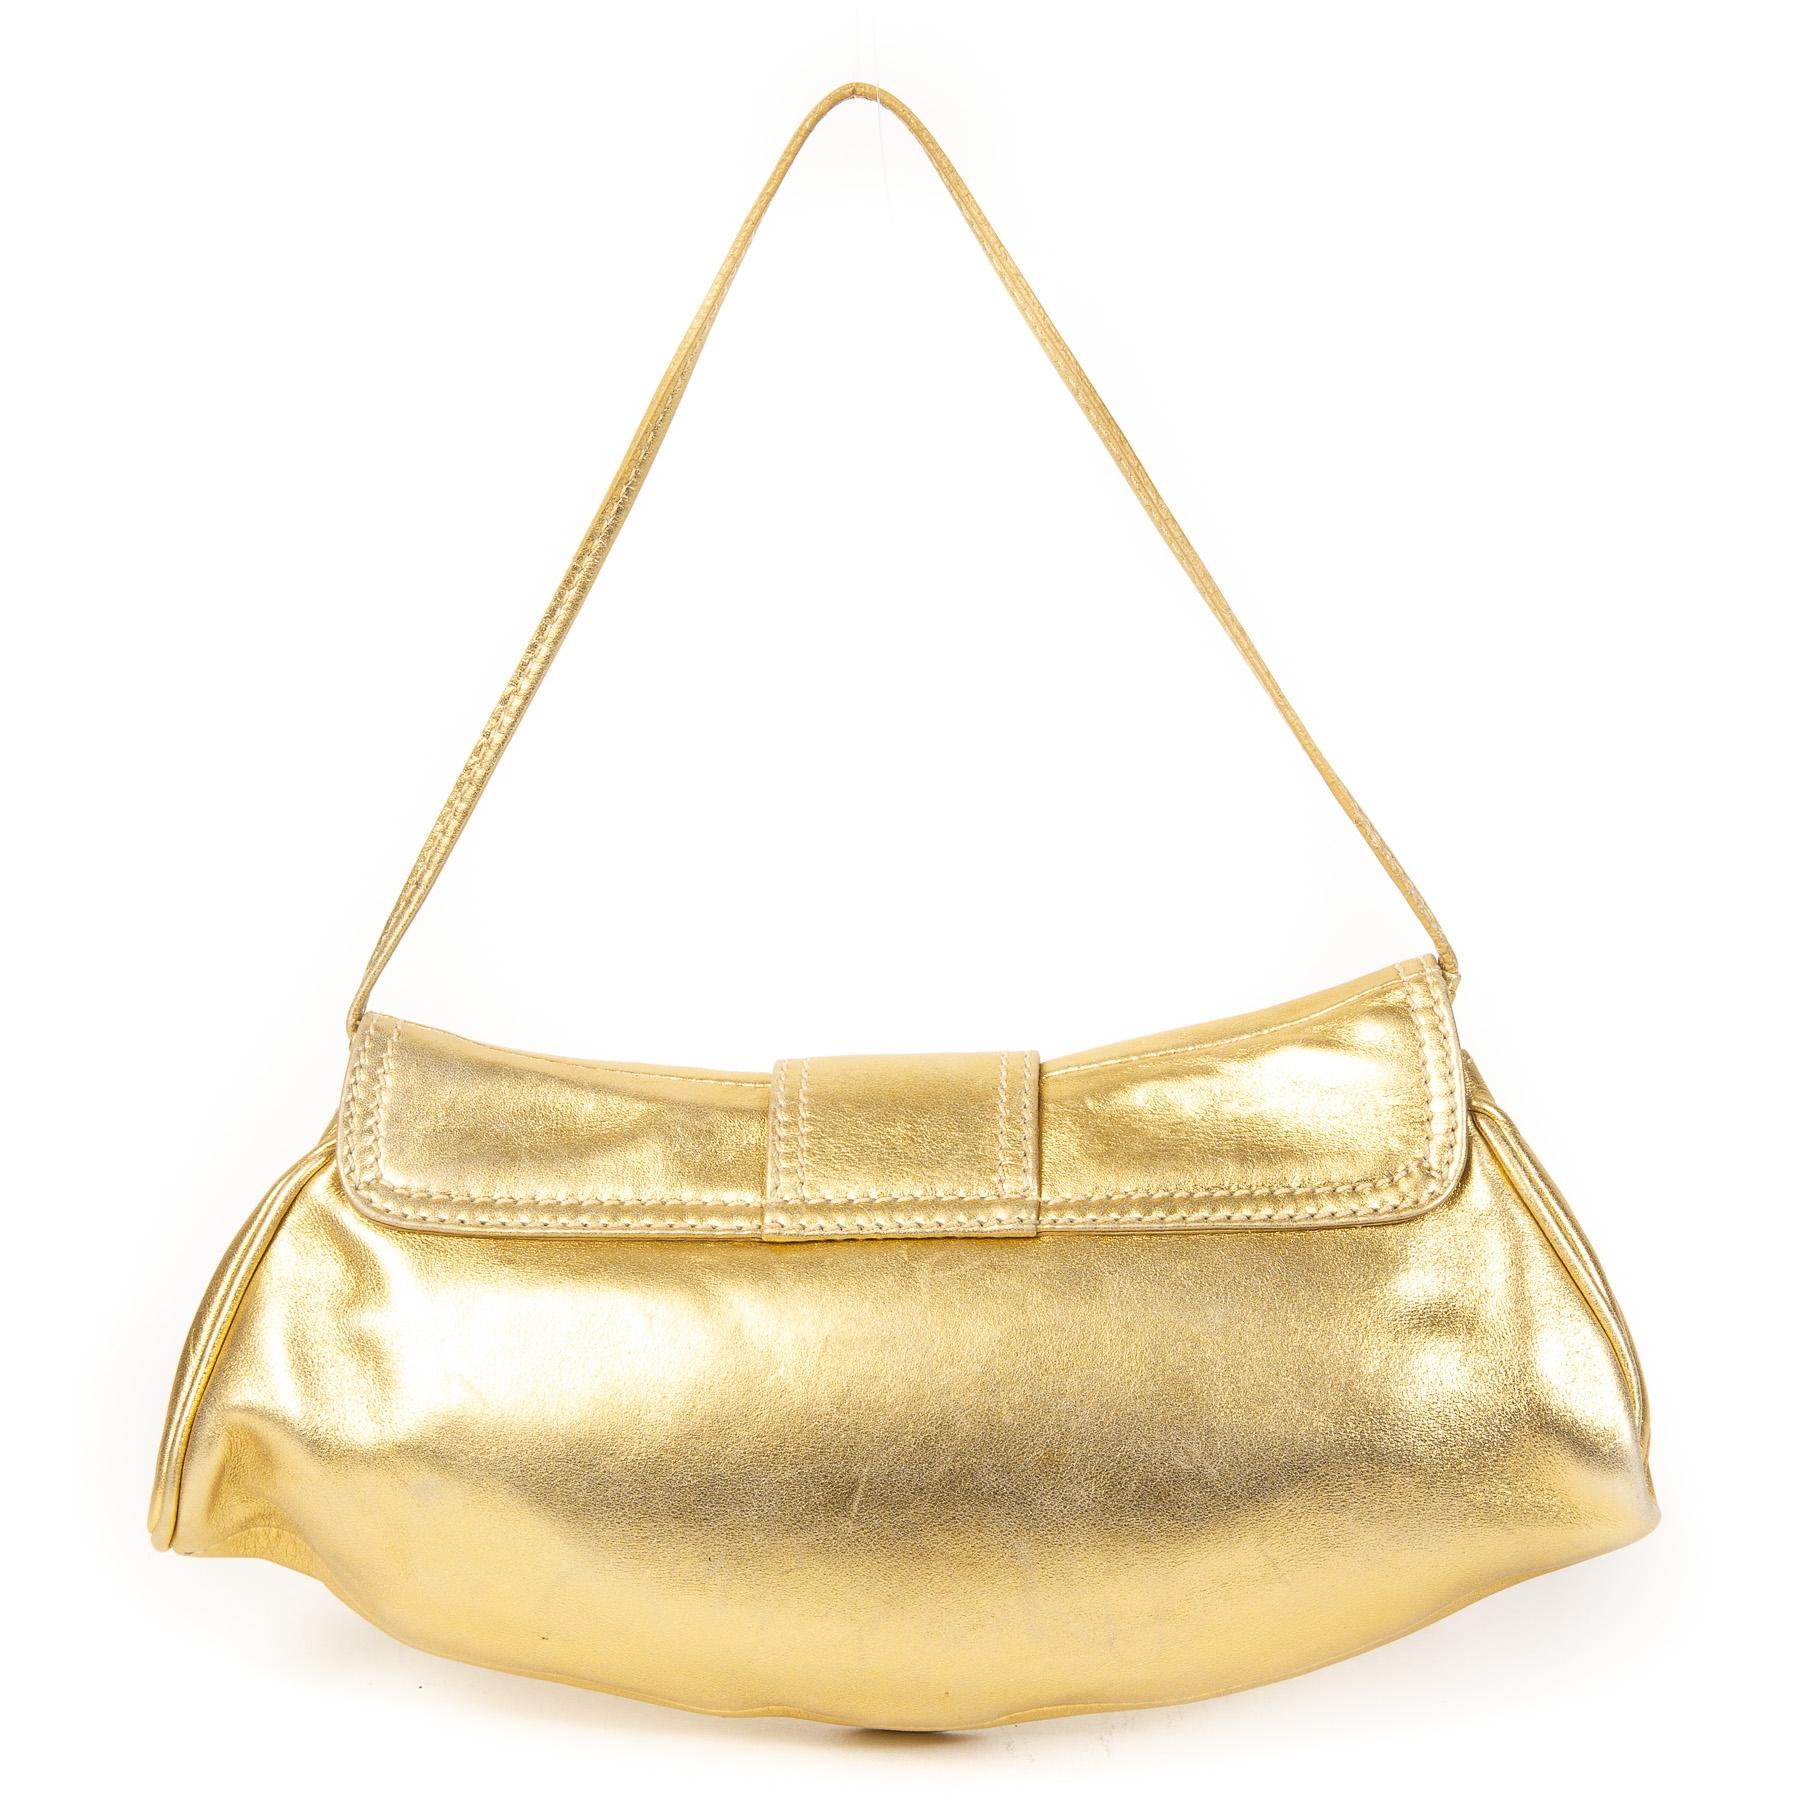 Authentieke Tweedehands Céline Gold Leather Buckle Bag juiste prijs veilig online shoppen luxe merken webshop winkelen Antwerpen België mode fashion